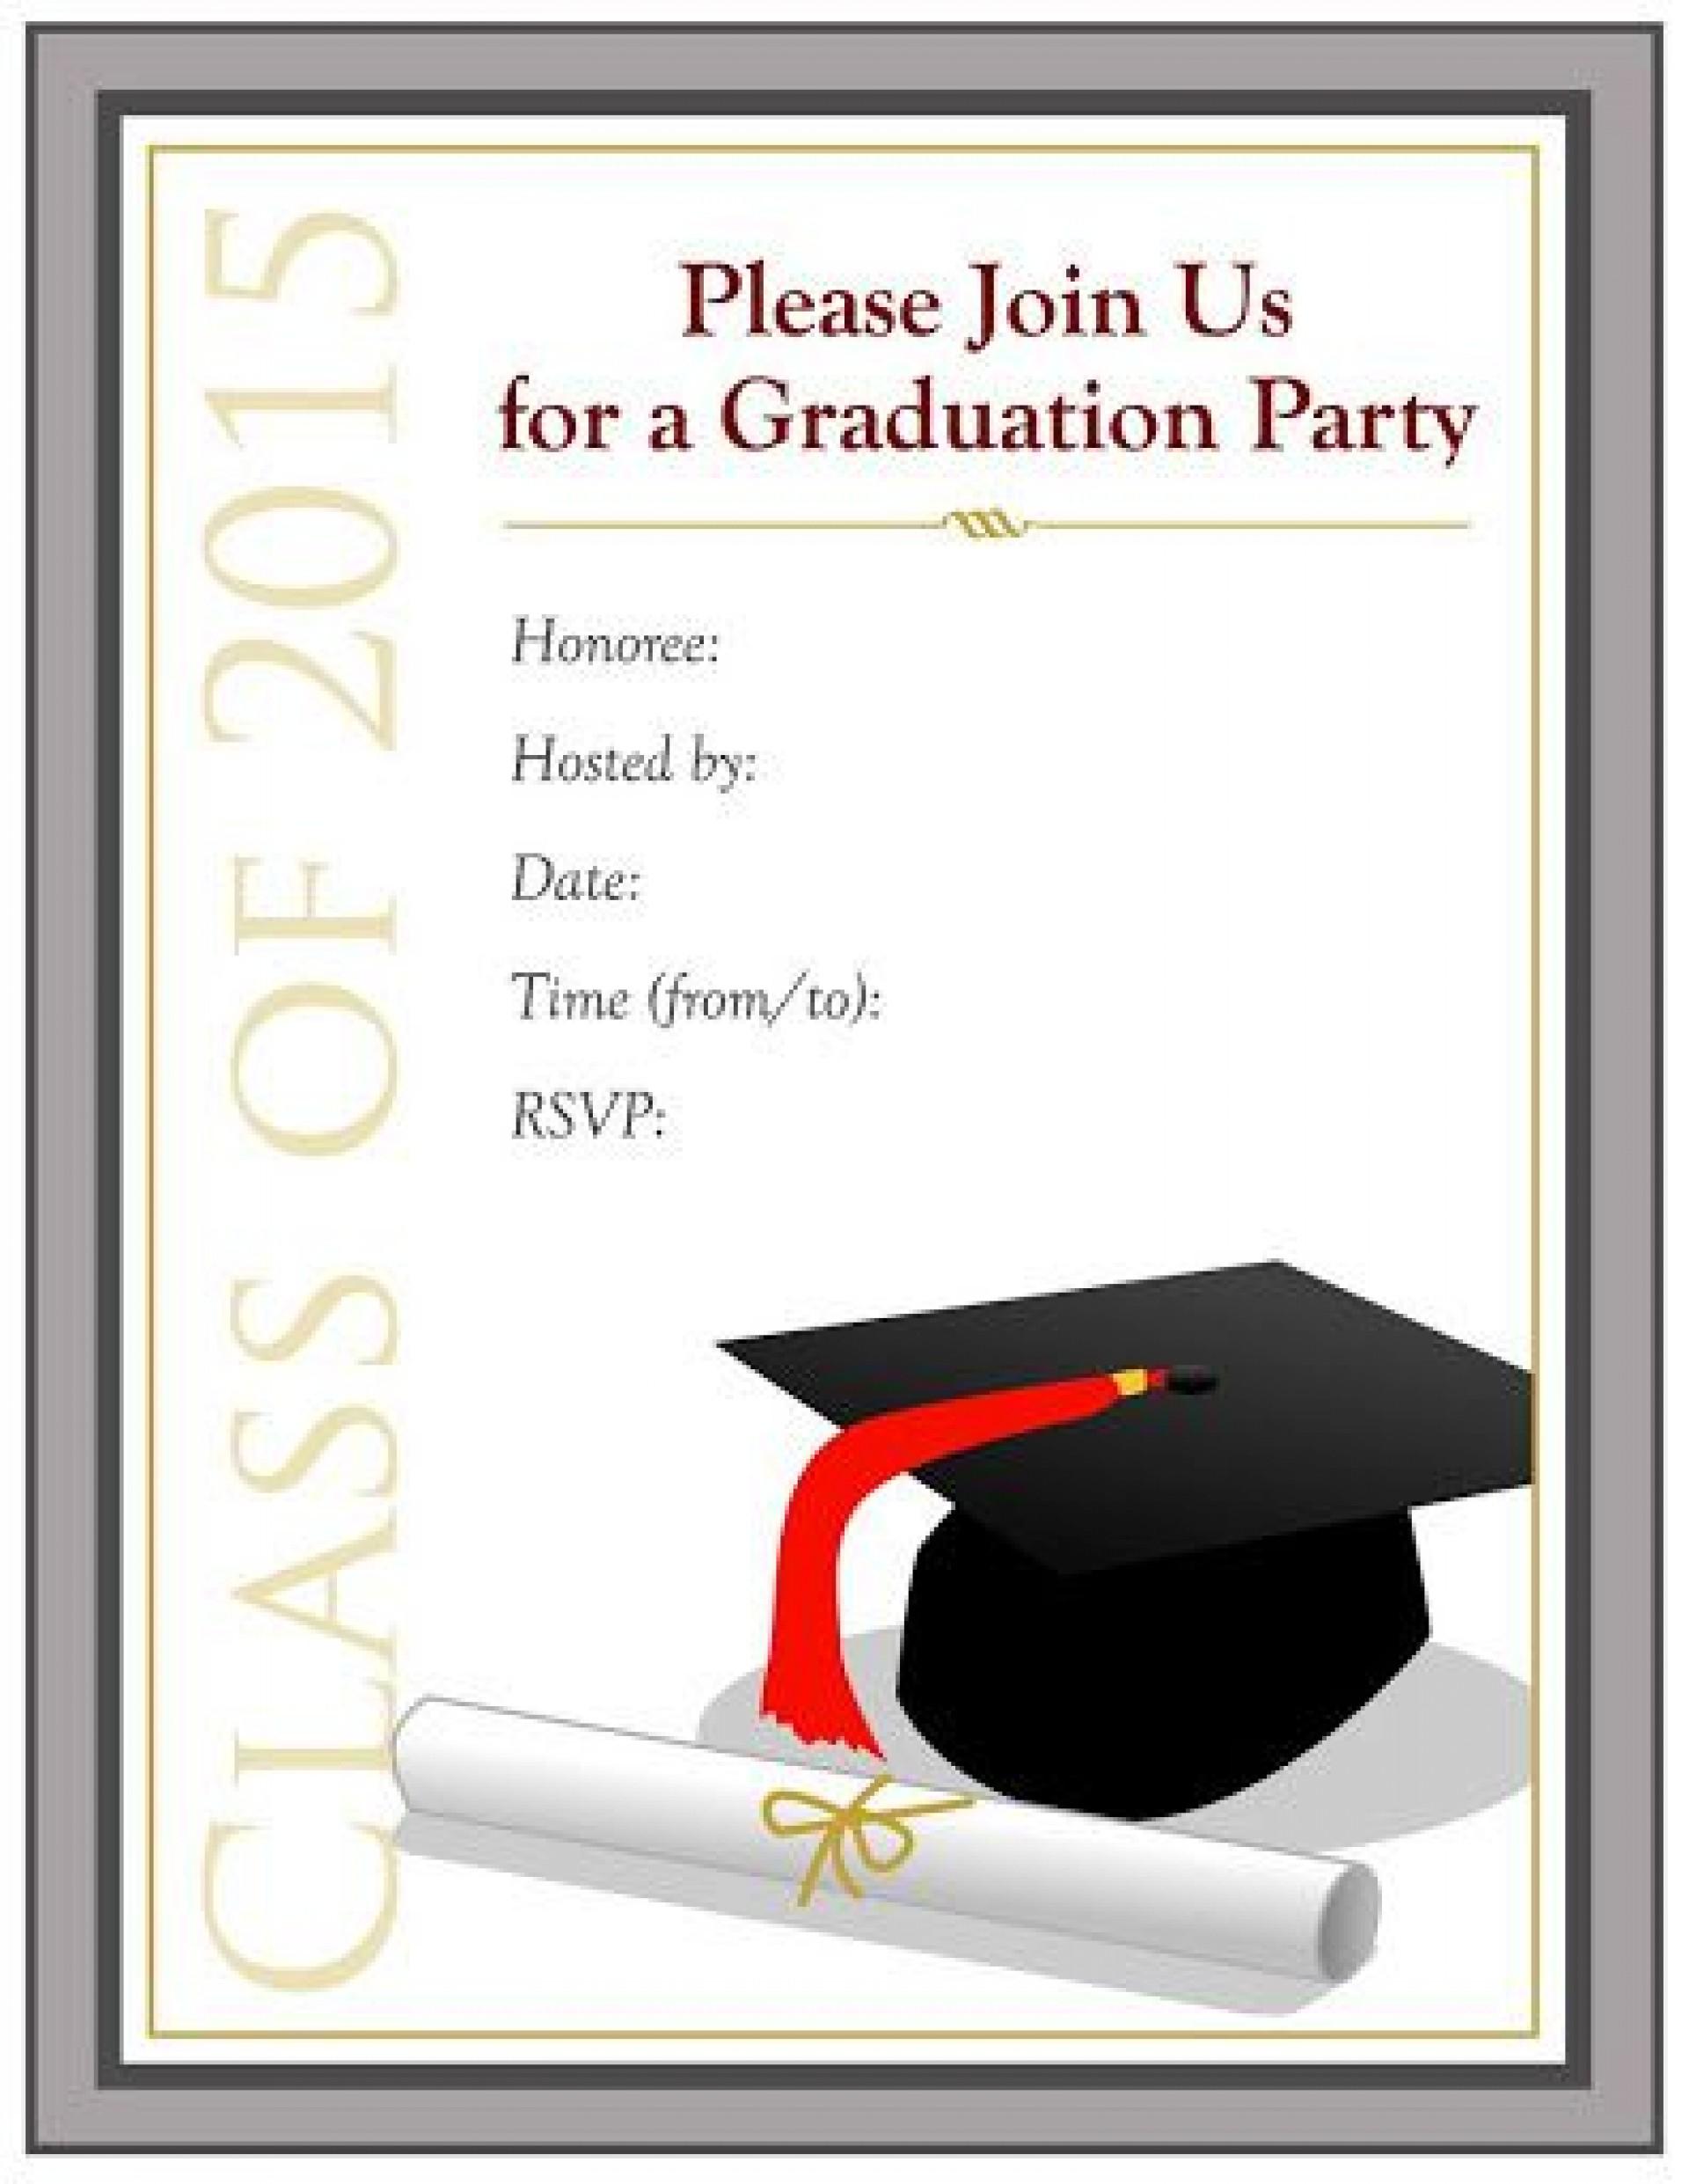 009 Impressive Graduation Party Invitation Template Picture  Templates 4 Per Page Free Reception1920